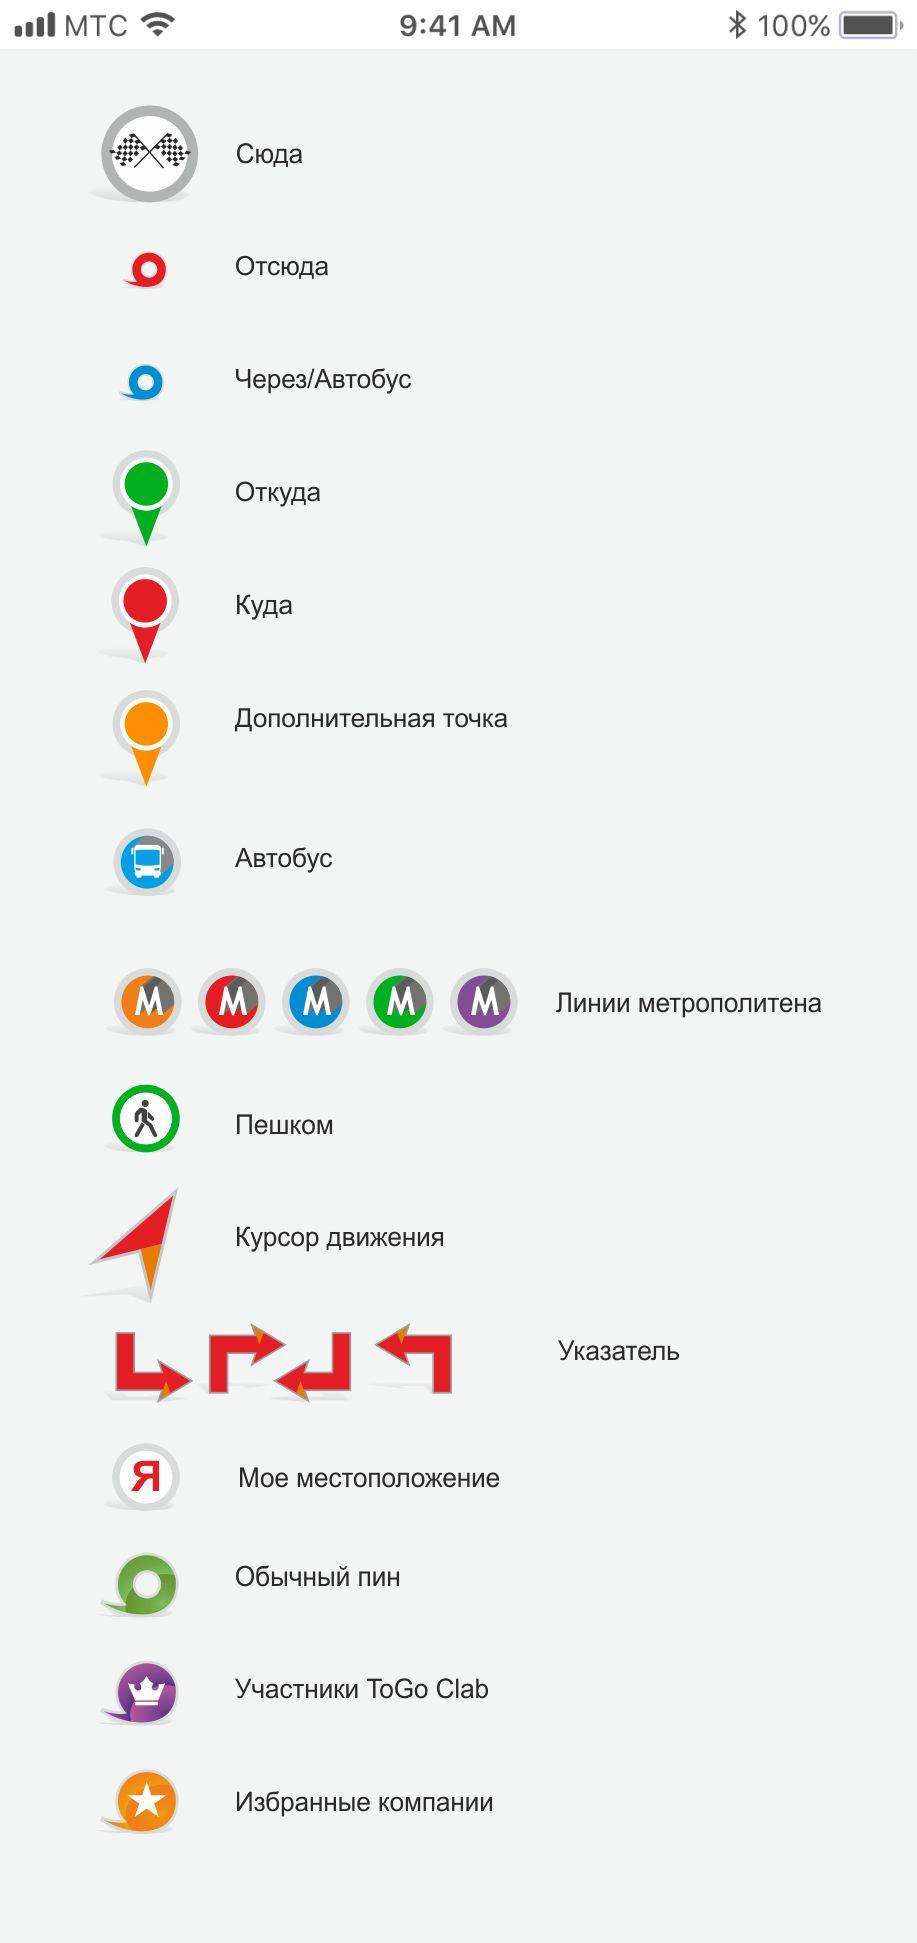 Иконки на карту. фото f_0075afa928e95bb3.jpg